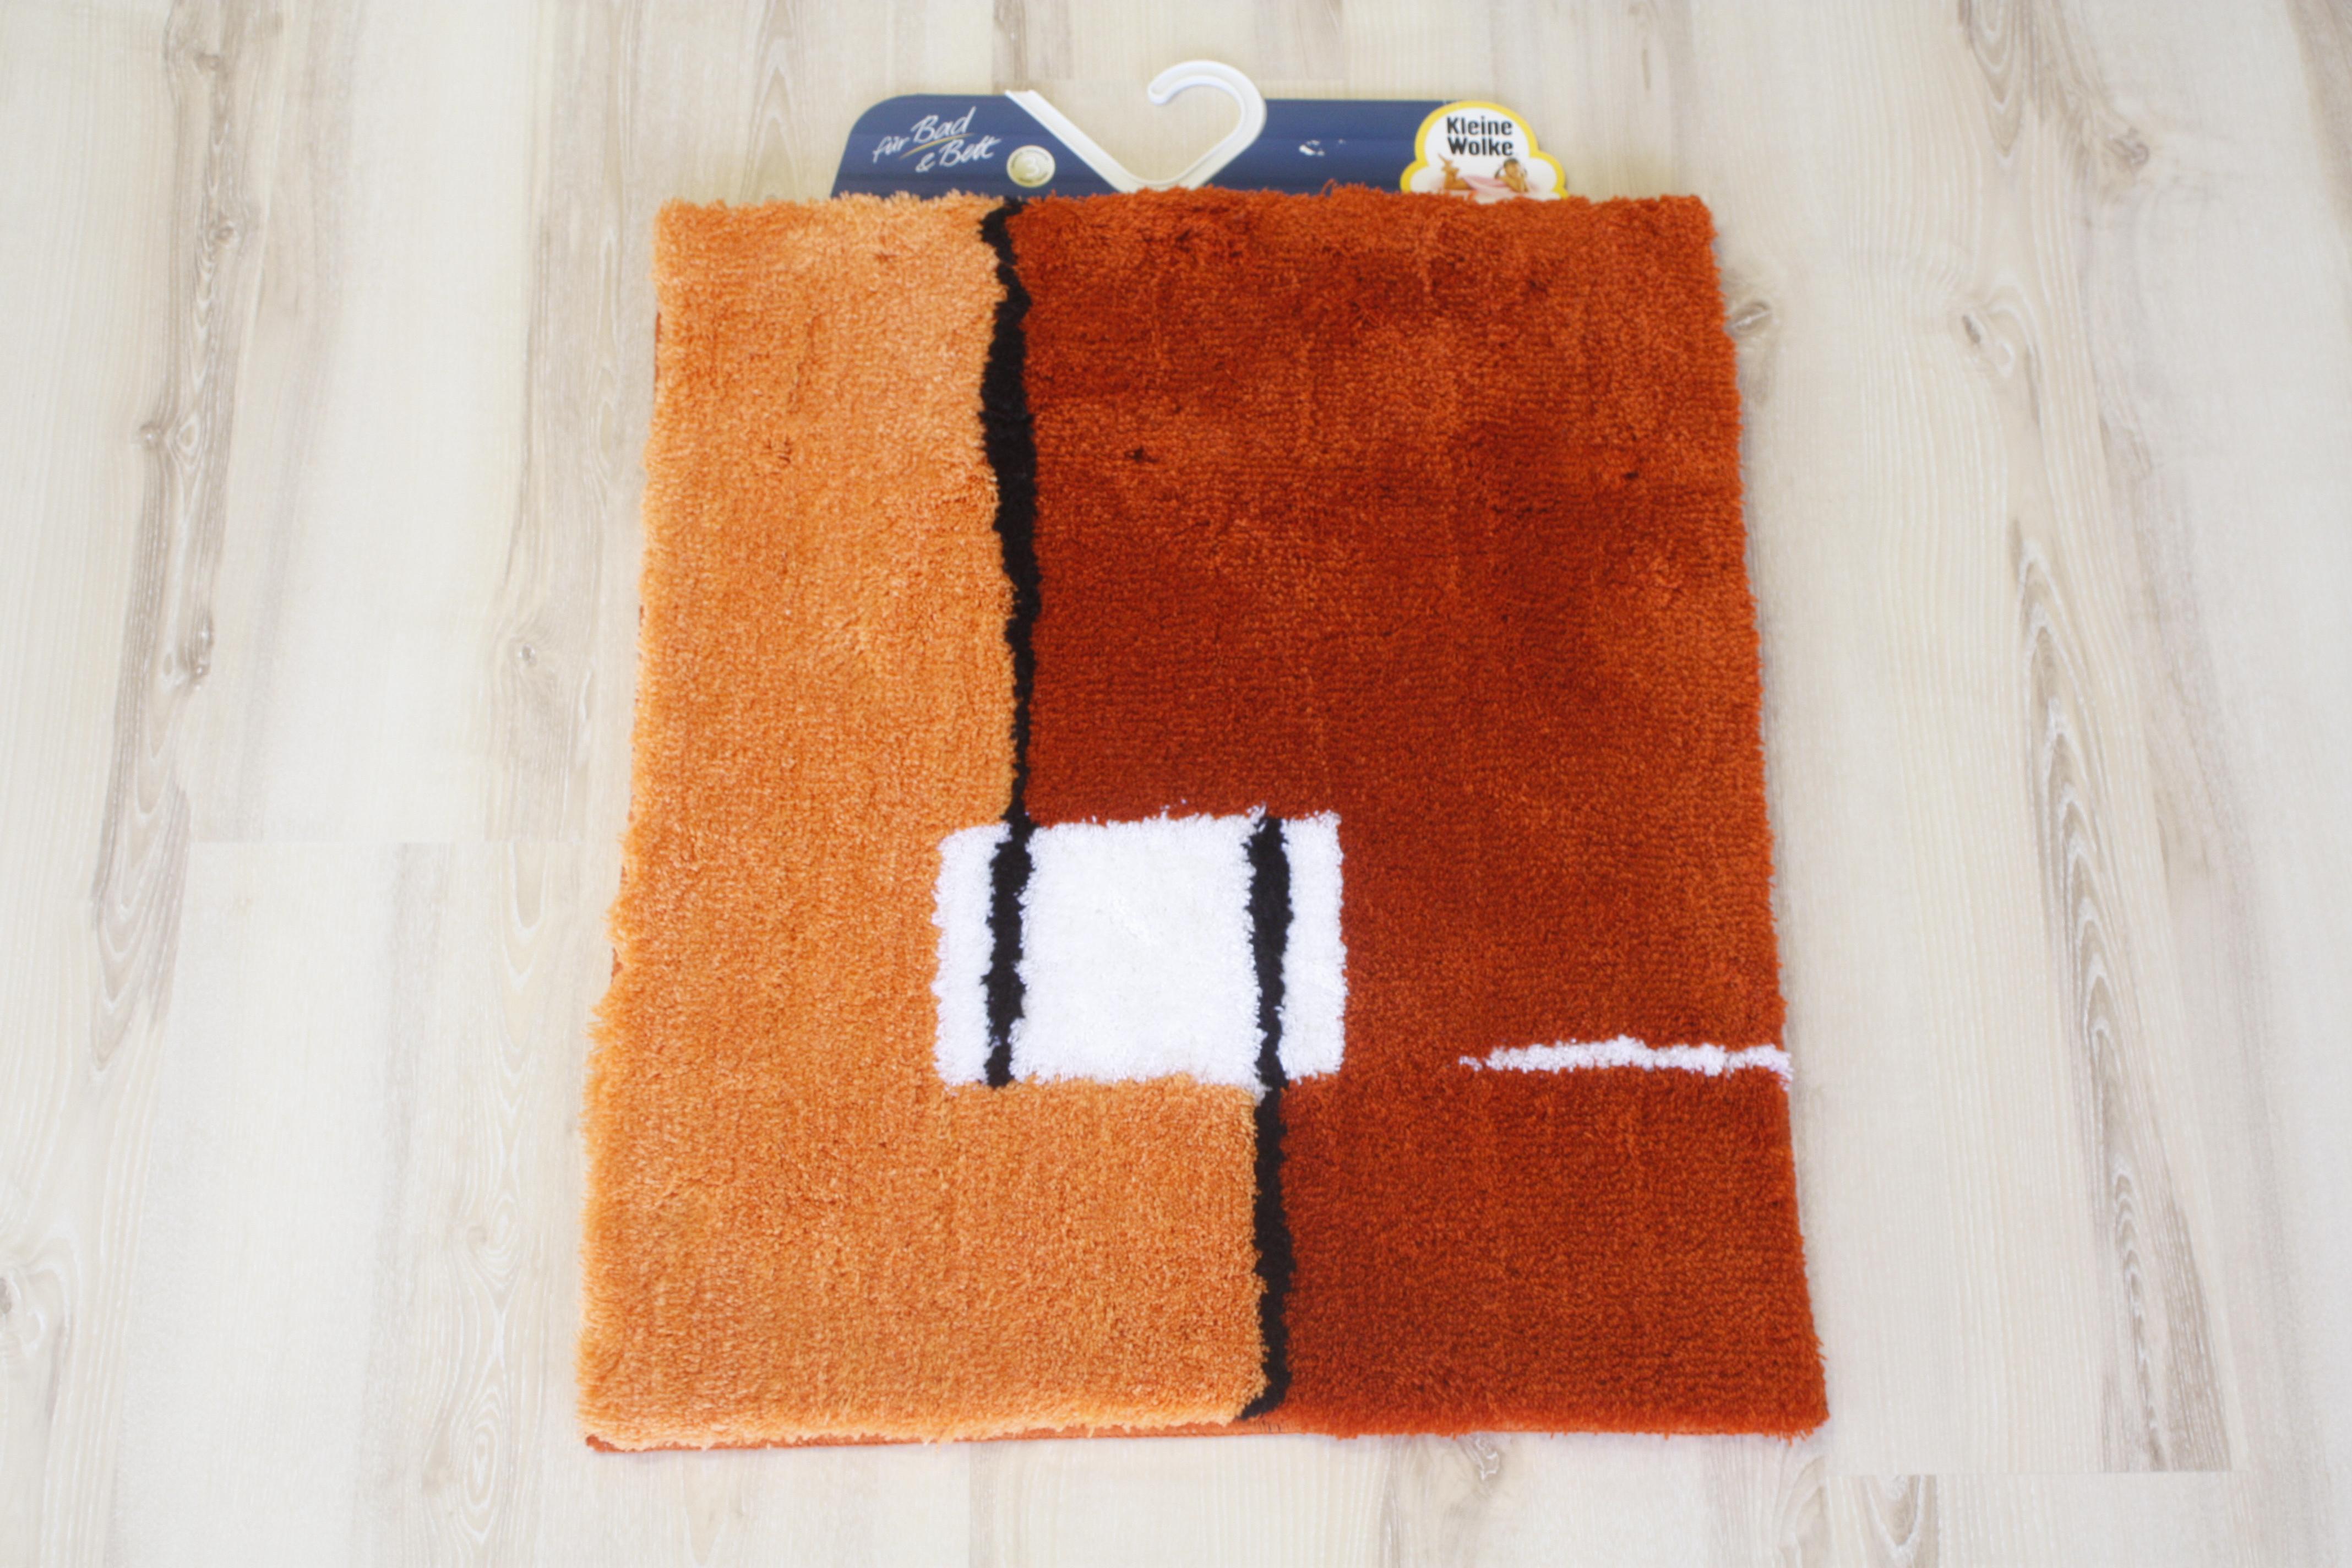 Bathroom rug Kleine Wolke Malaga Chili 55×65 cm  eBay